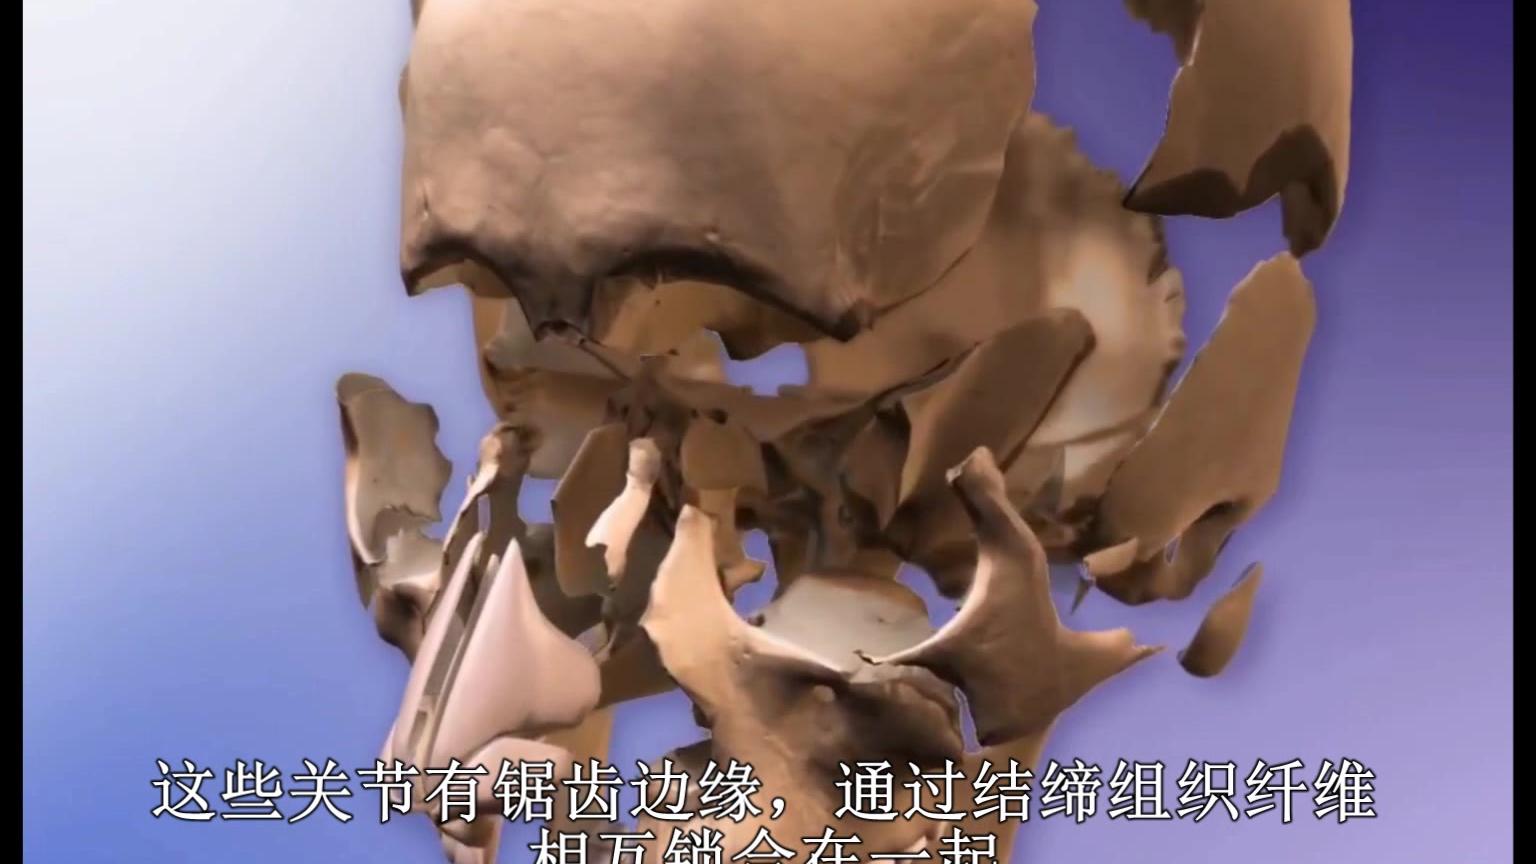 头颅骨连接 中文字幕